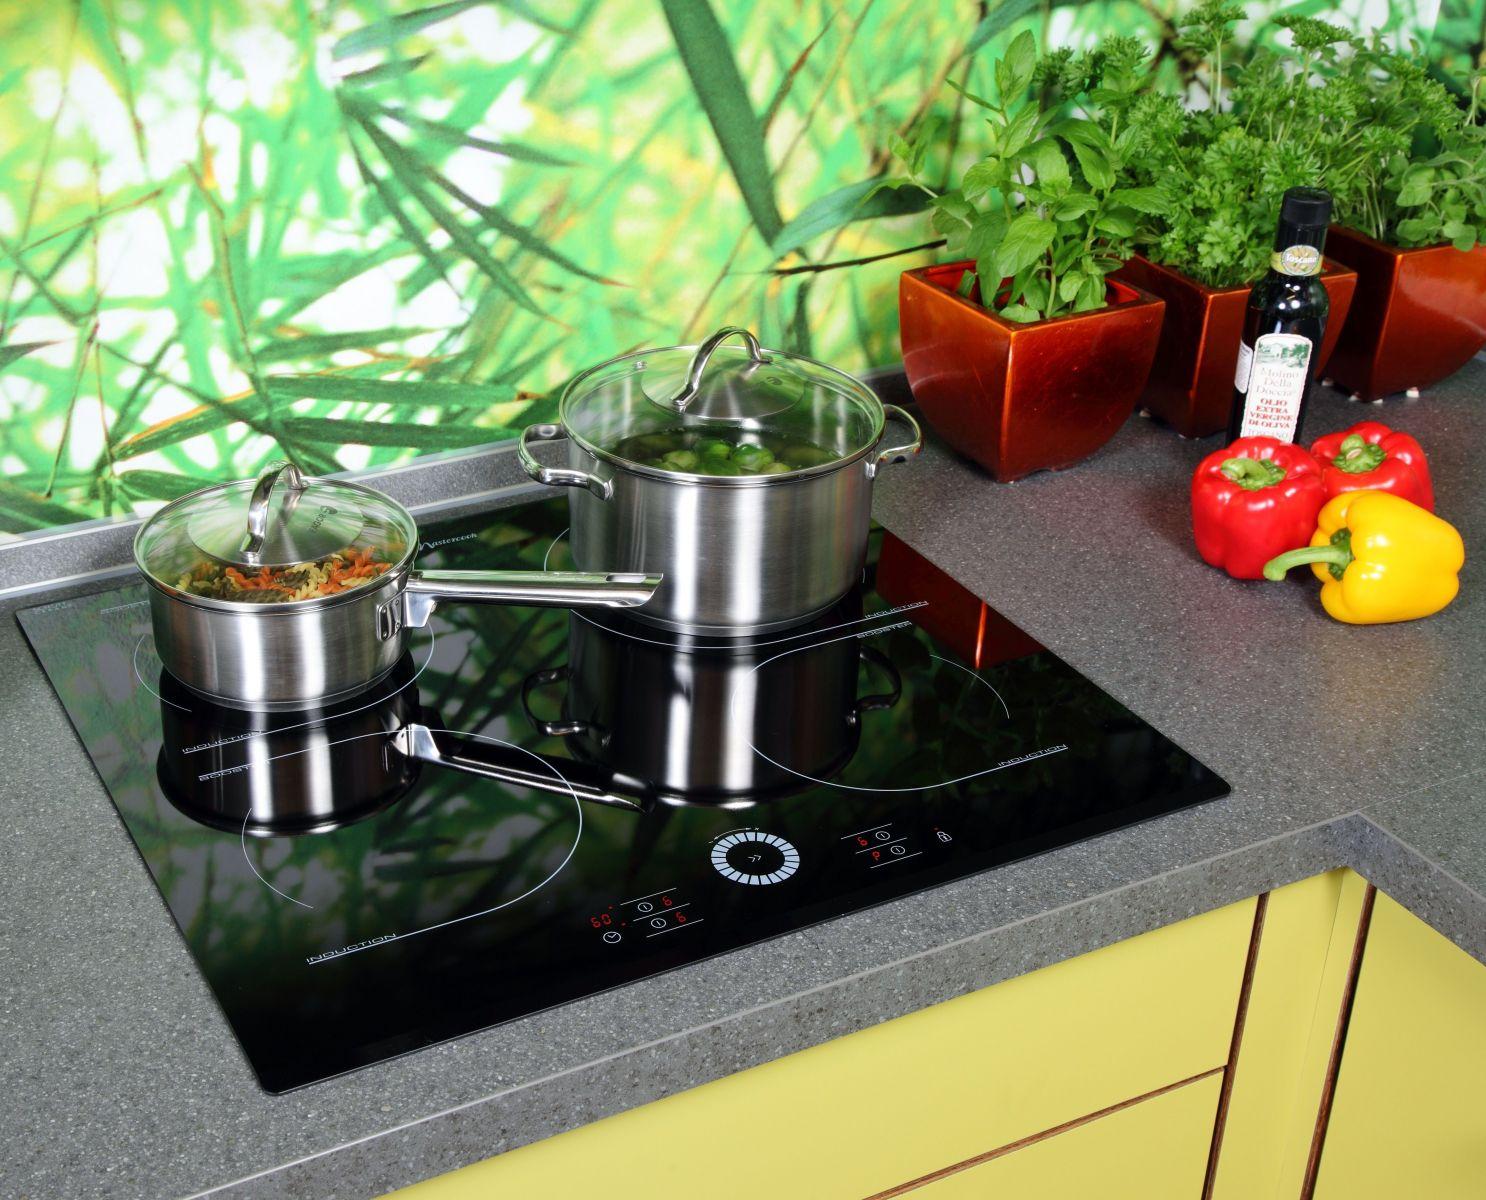 Sau khi tìm hiểu những lợi ích khi sử dụng bếp điện từ đảm bảo bạn sẽ yêu thích và rinh ngay một em về cho căn bếp của mình.